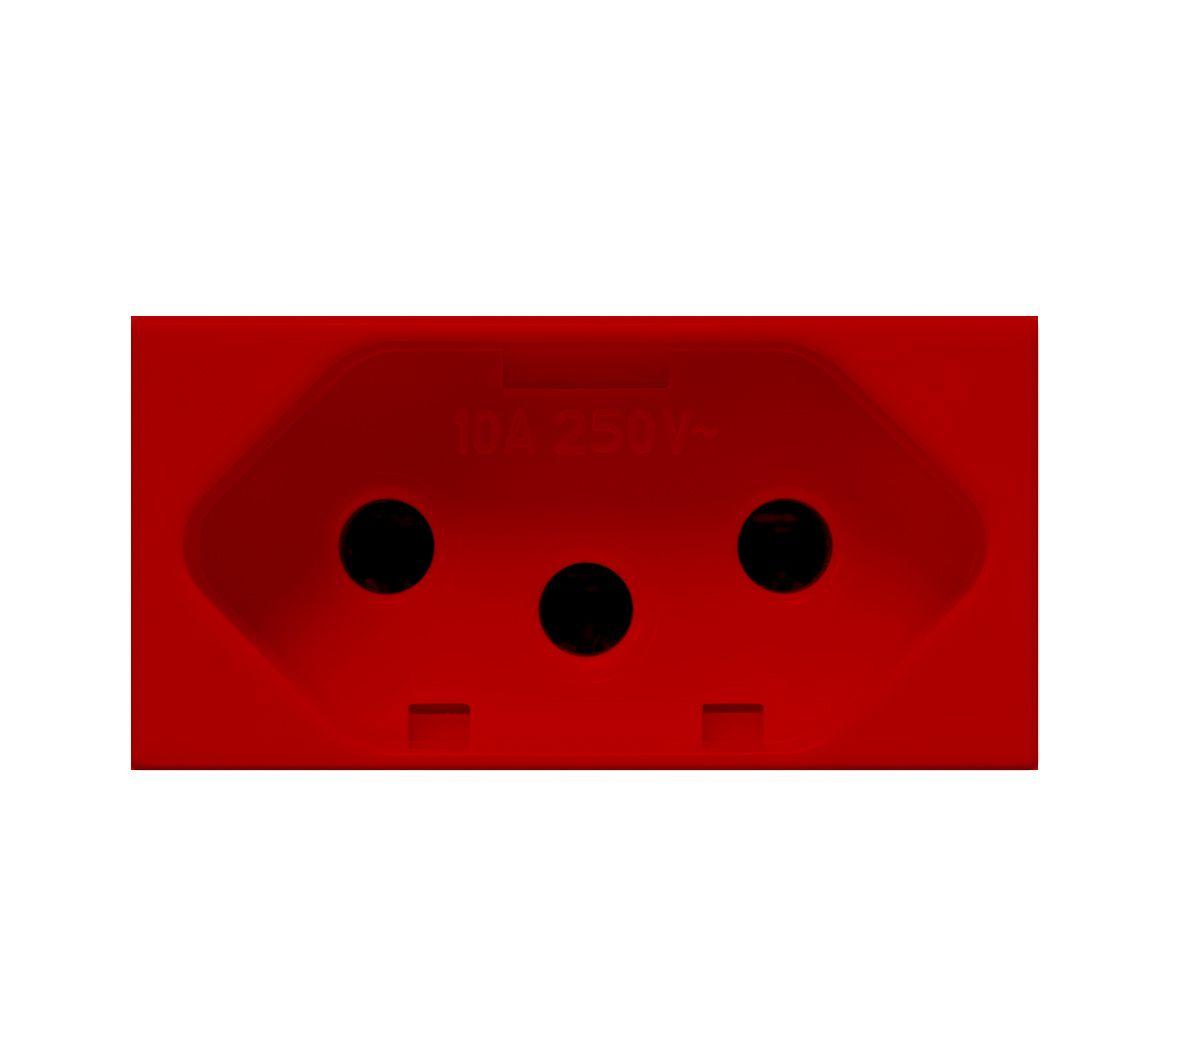 Módulo tomada 2P+T 10A 250V~ vermelha linha Bliss